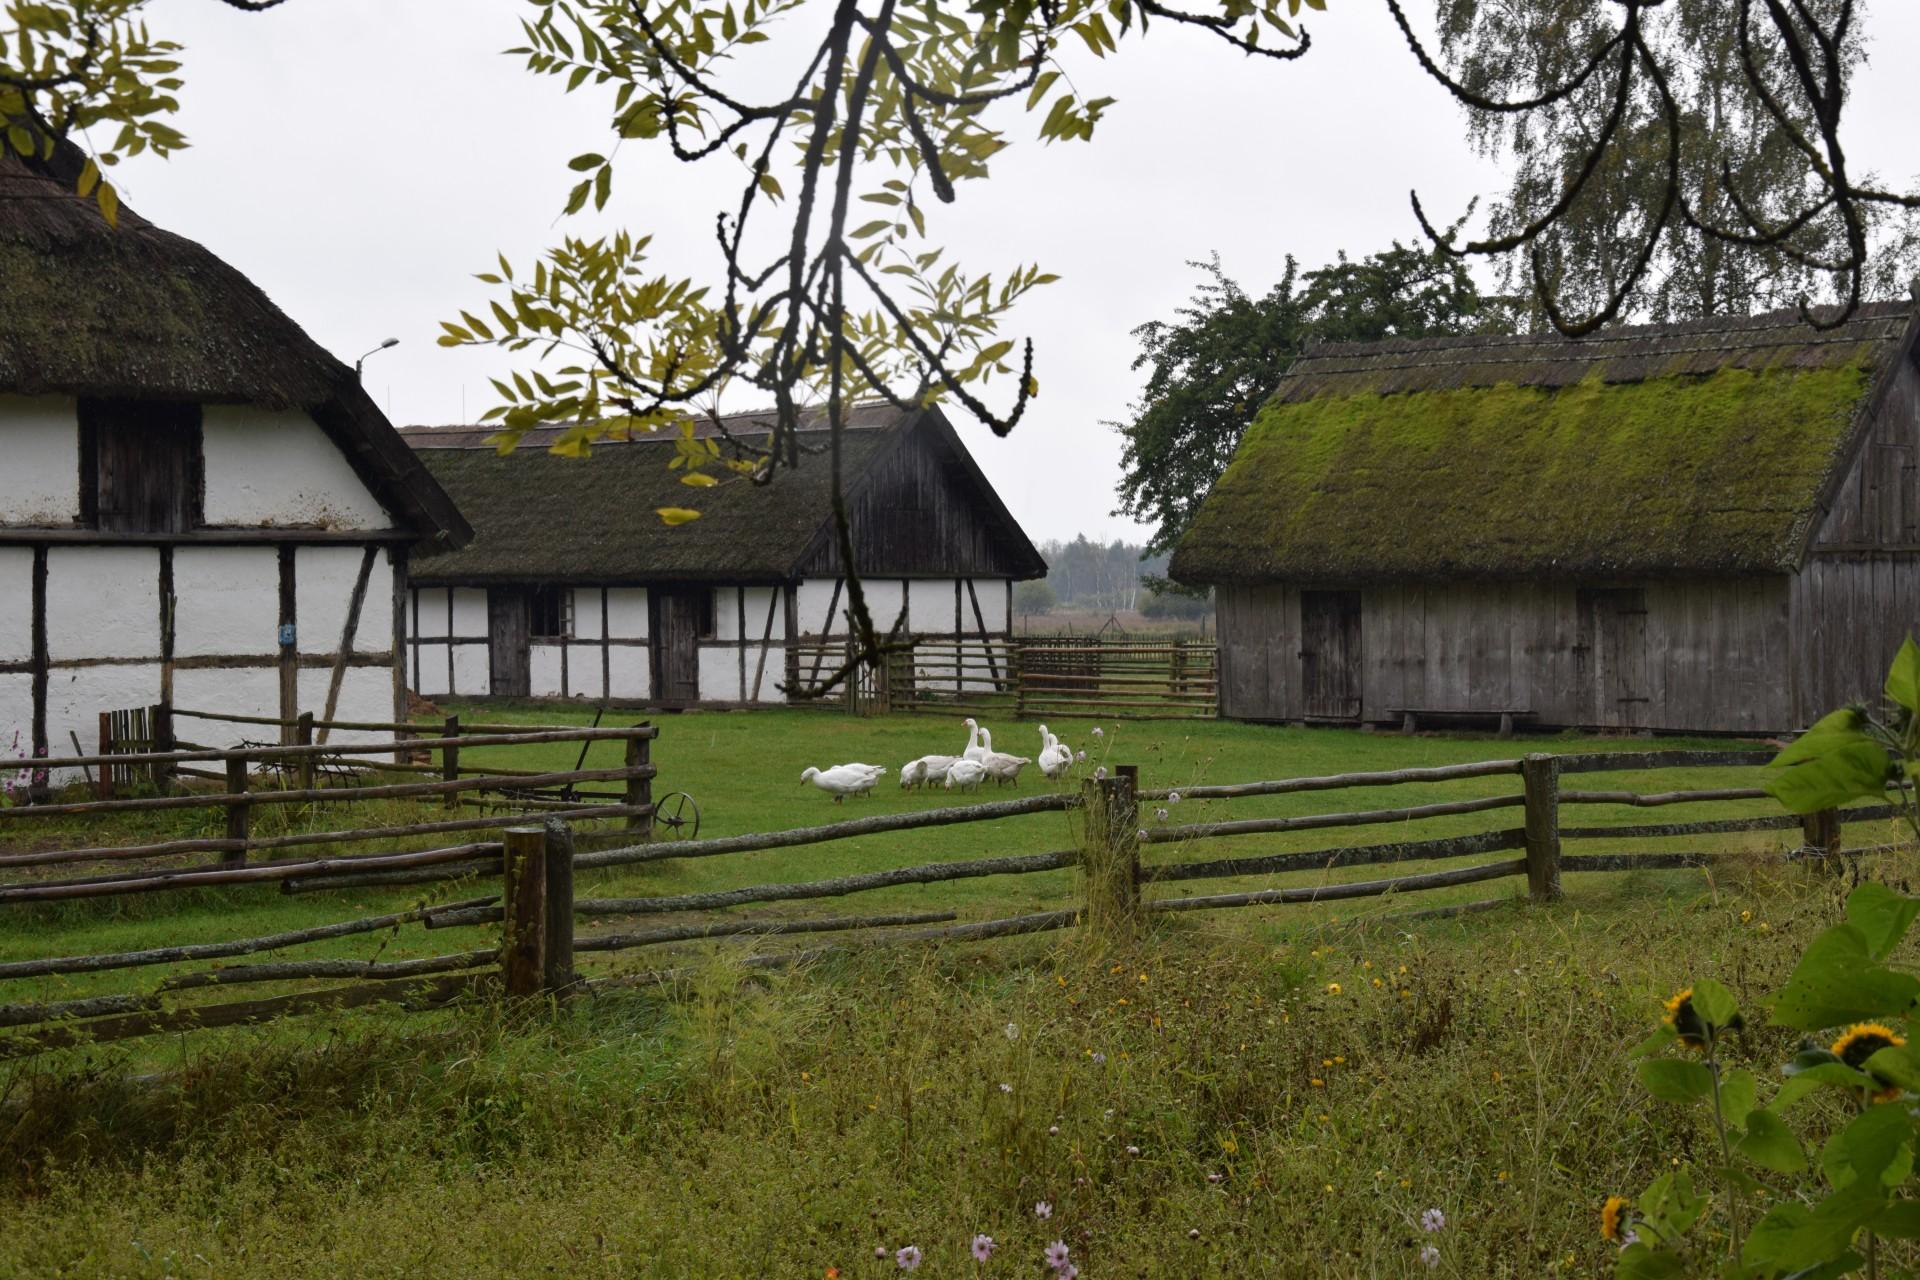 Pomyślunki wiatrem i deszczem smagane. Słowiński Park Narodowy 11